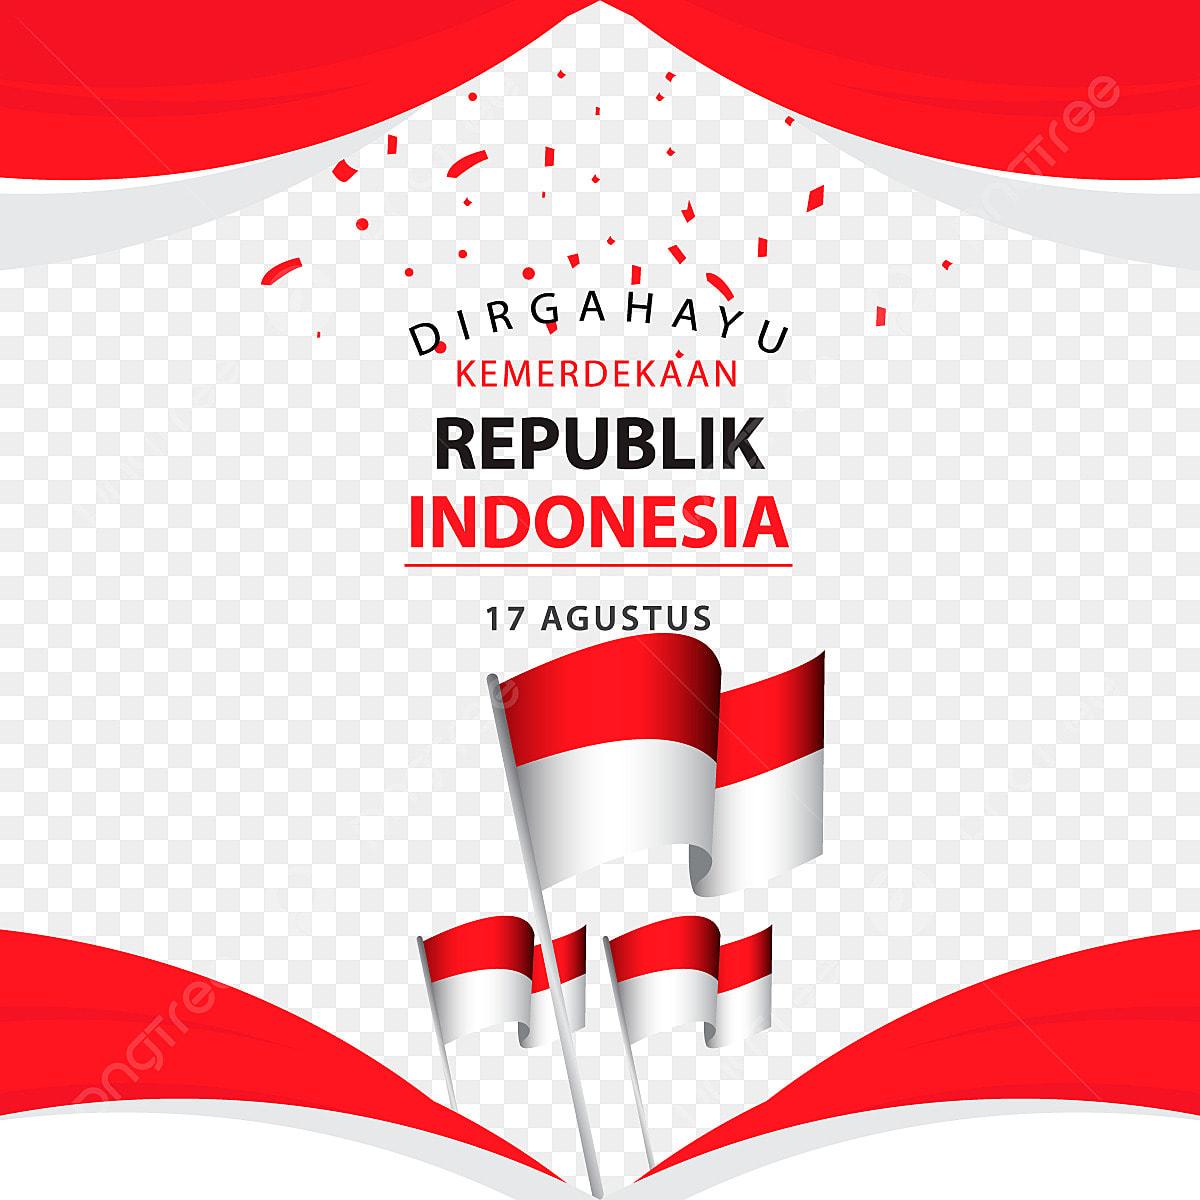 pngtree dirgahayu kemerdekaan republik indonesia poster vector template design illustration png image 4201677